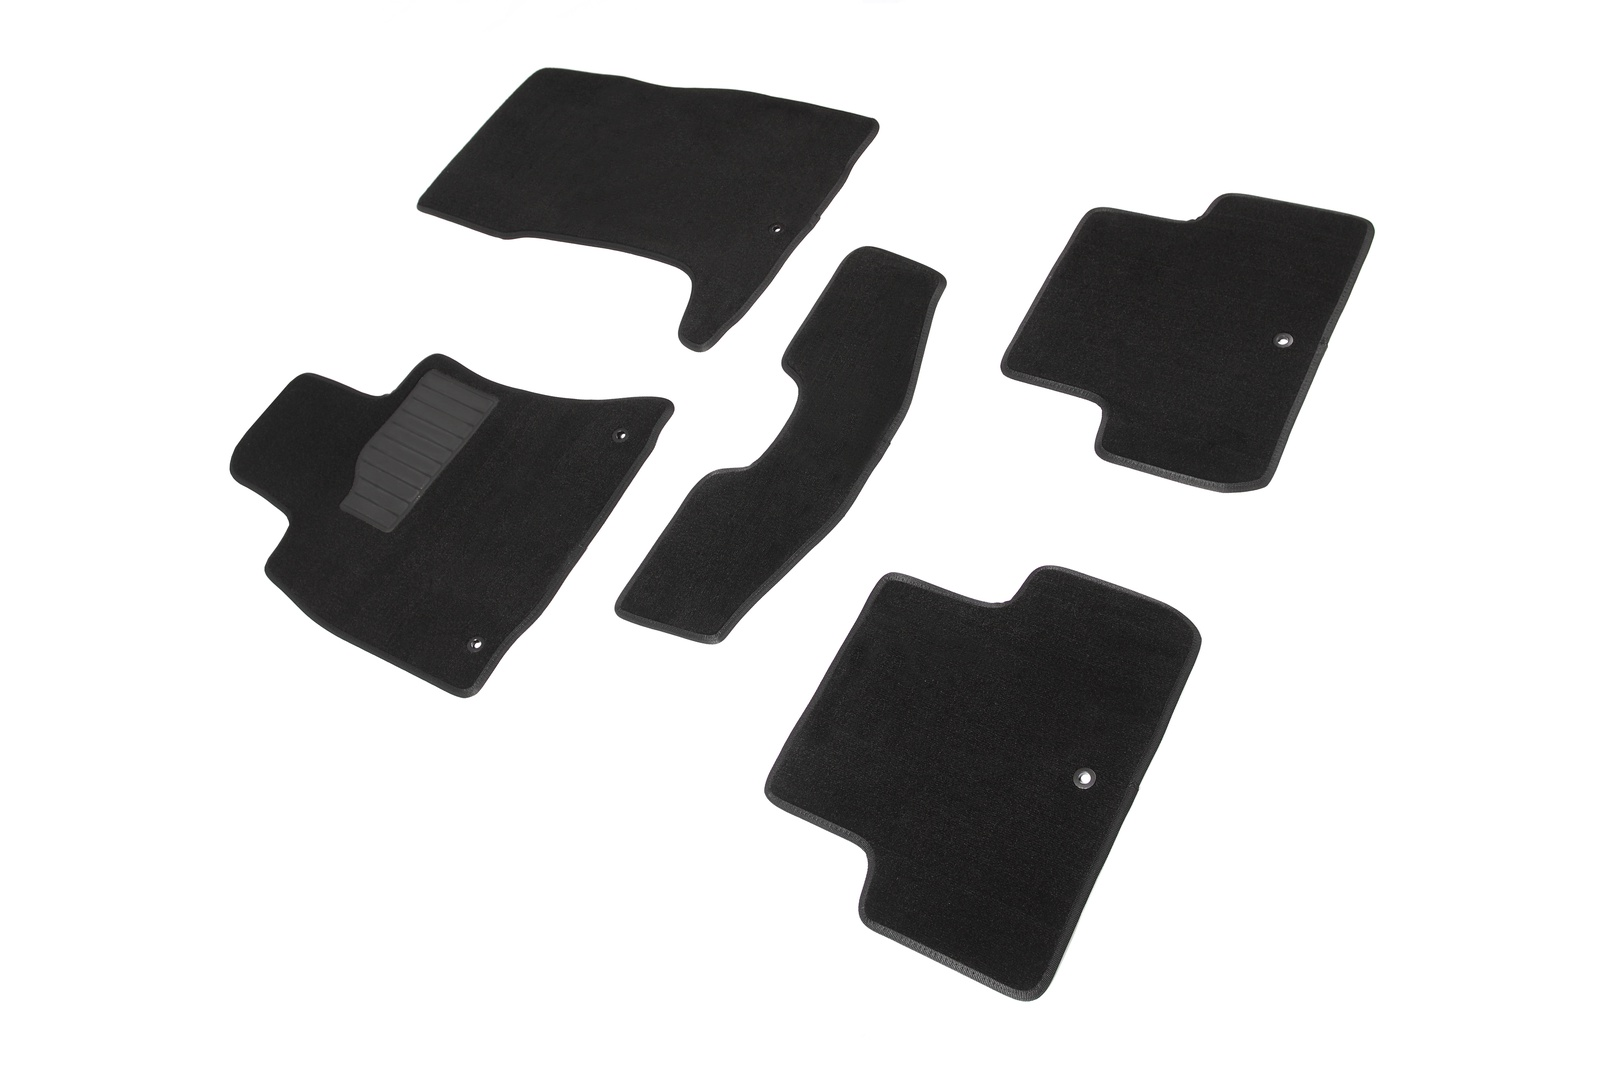 Ворсовые коврики SEINTEX 3D для Toyota Land Cruiser Prado 150 2009-2013 / 87921